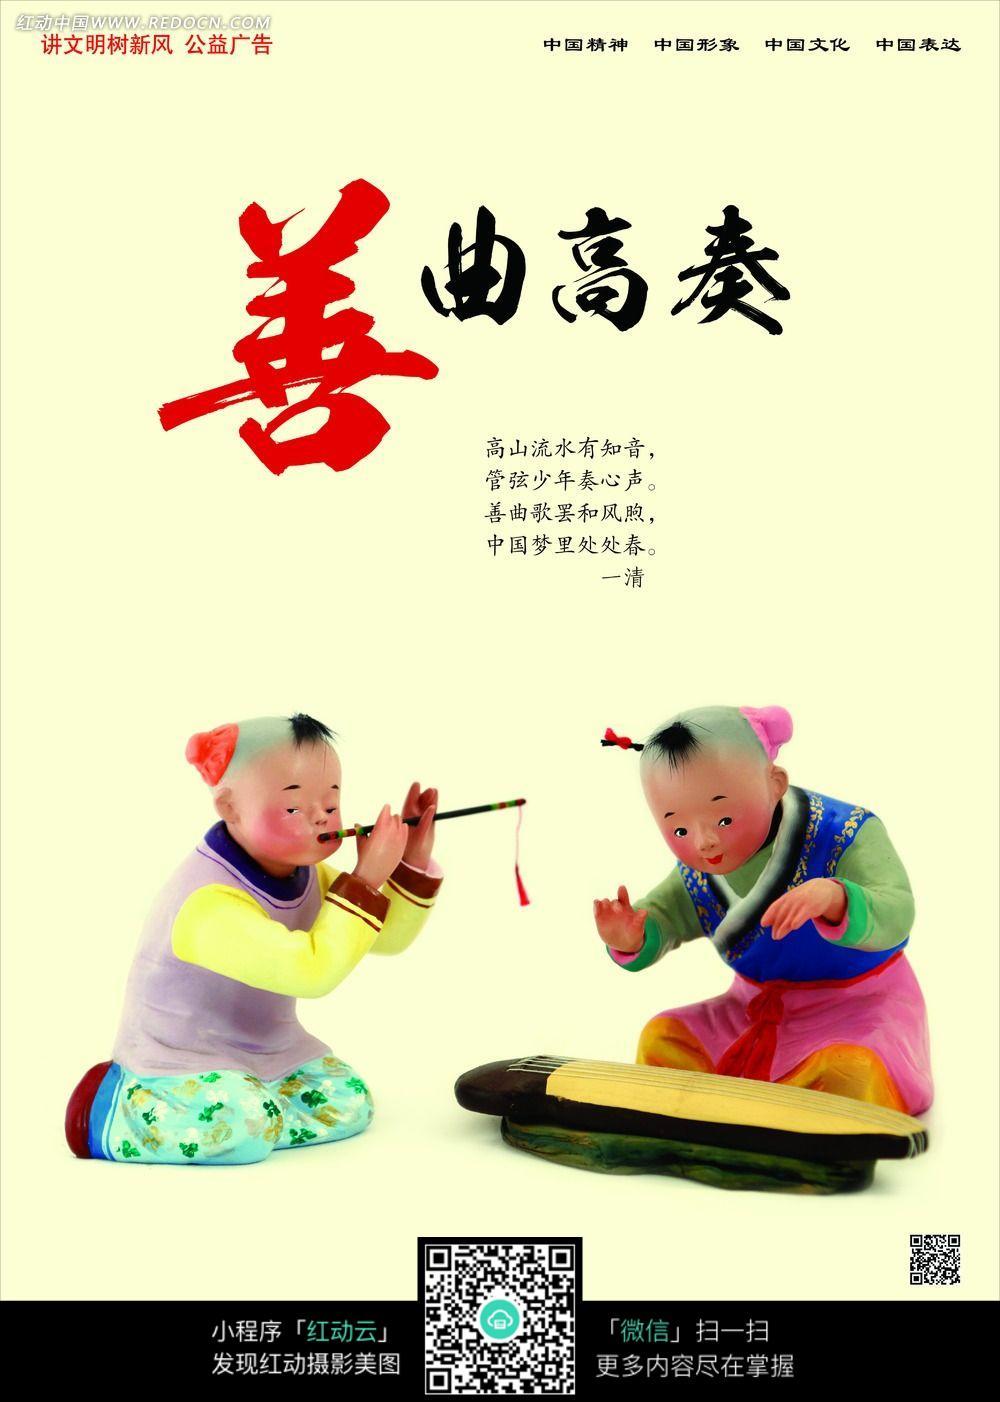 中国梦系列善图片